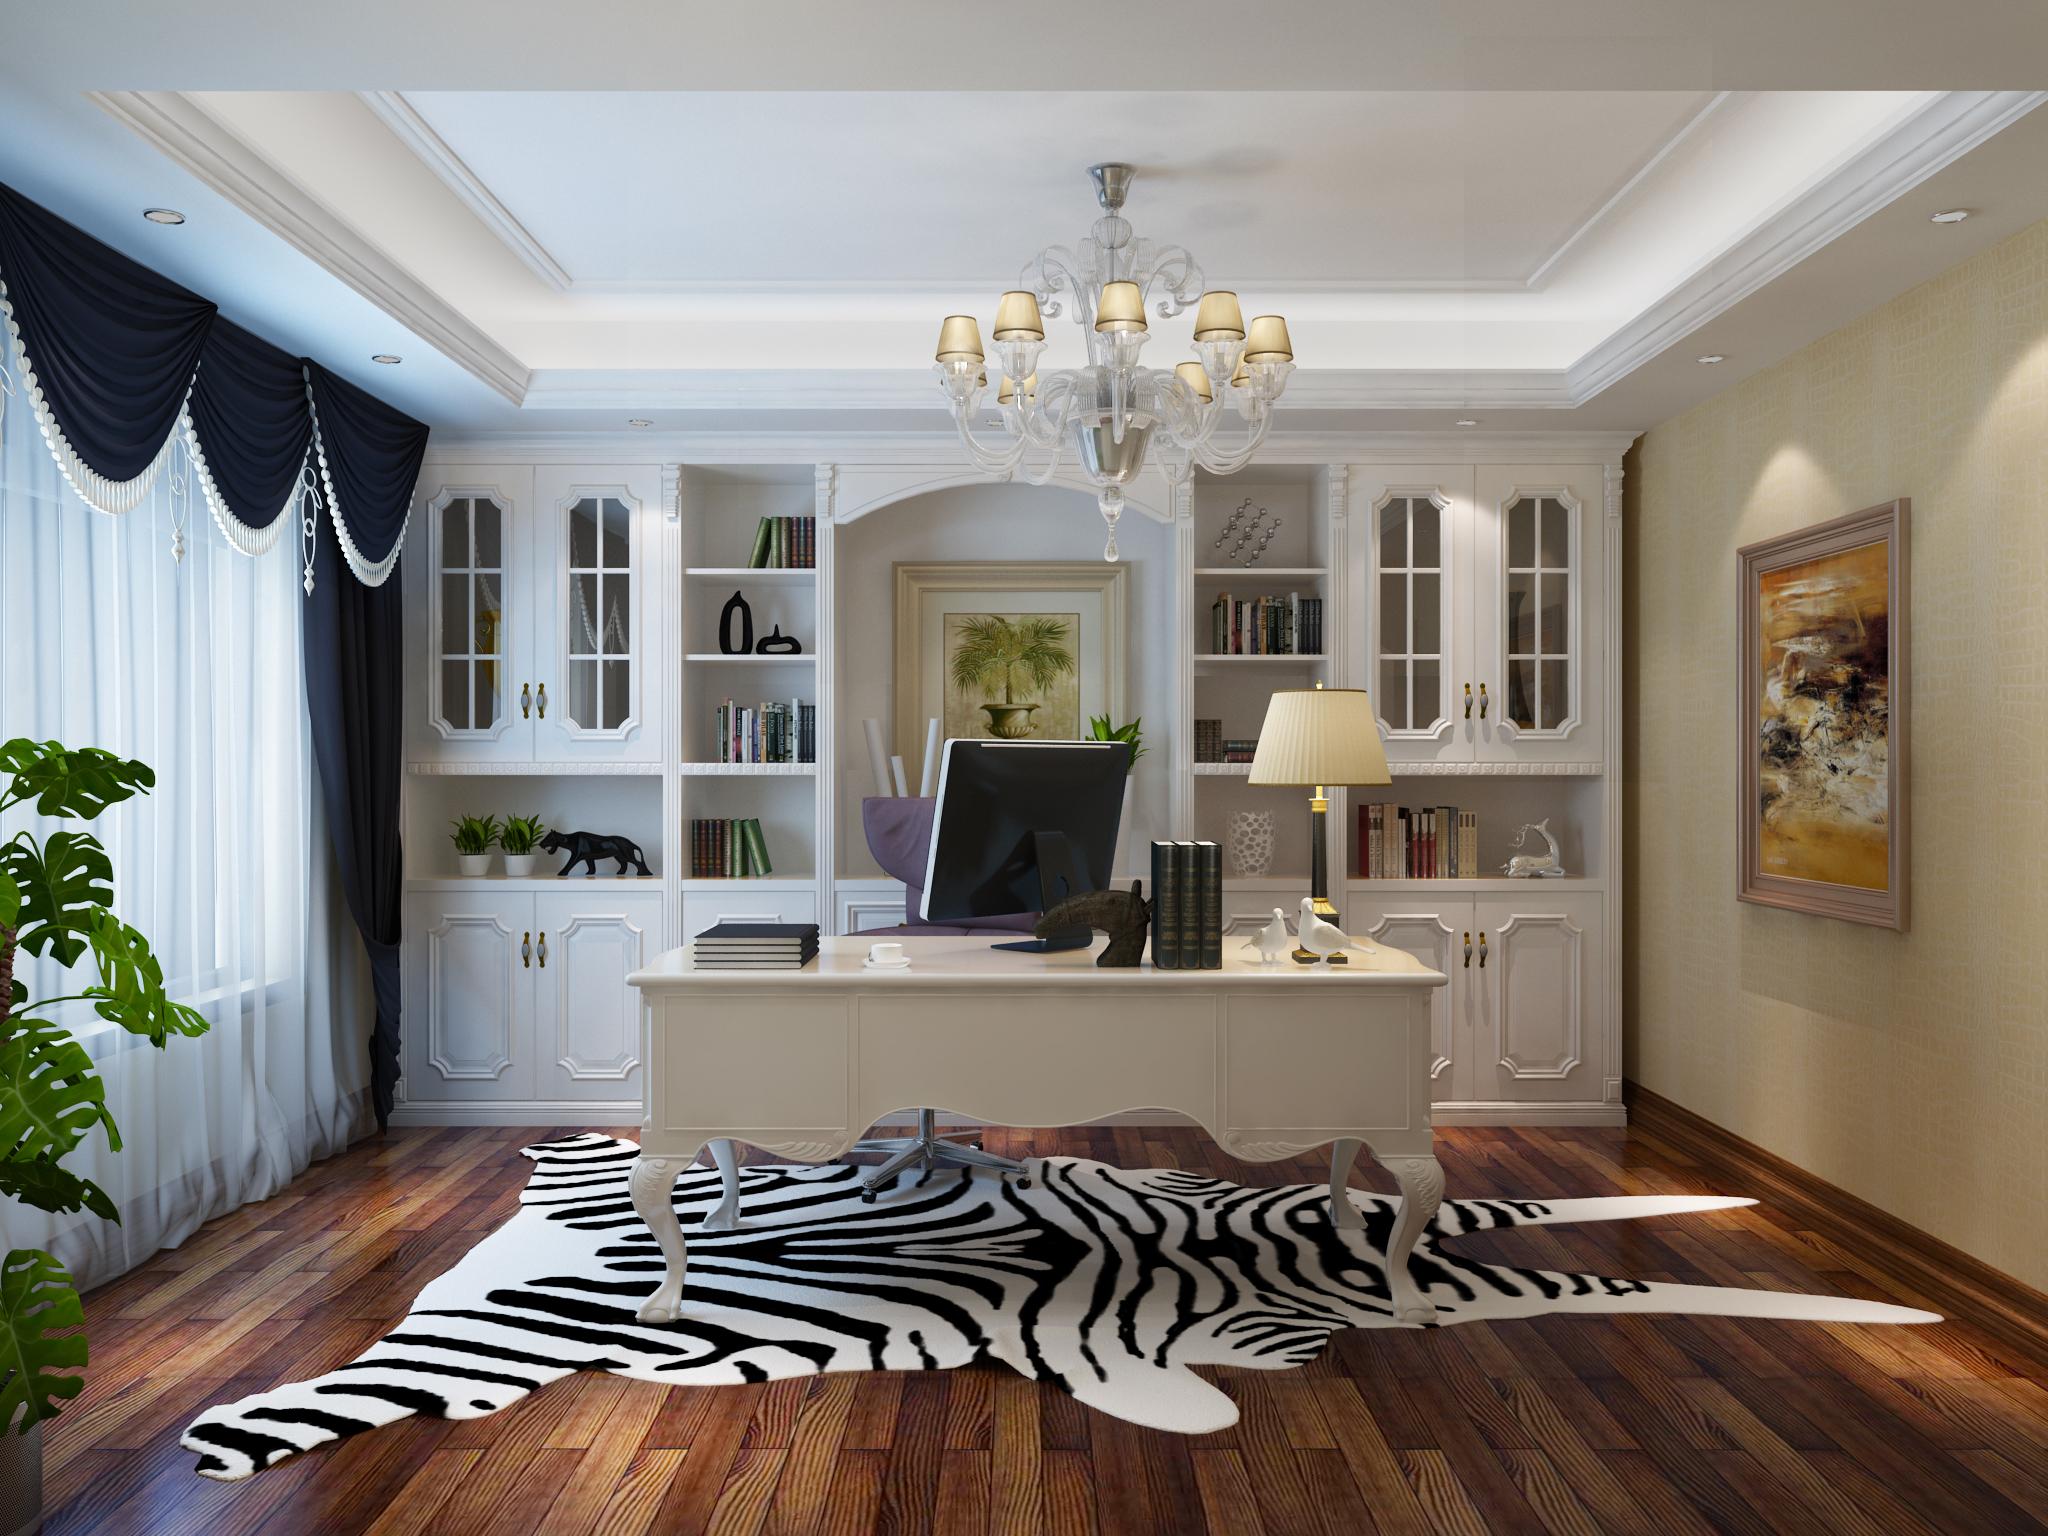 欧式书房|空间|室内设计|勤奋的小懒虫 - 原创作品图片